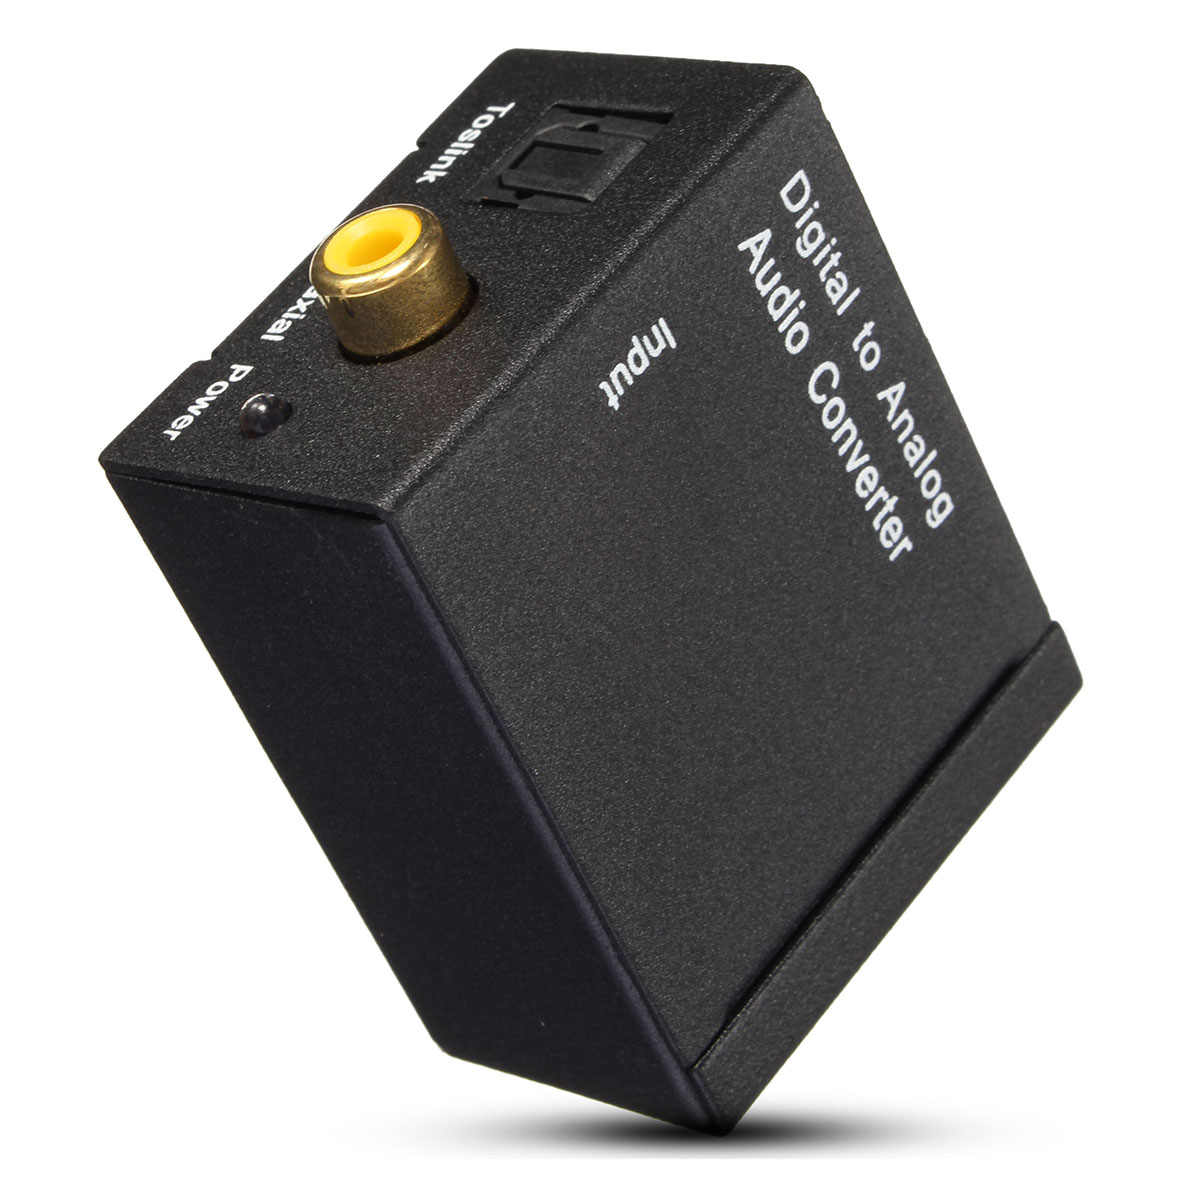 LEORY 5V Digitale ad Analogico L/R SPDIF Coassiale Coassiale RCA e Ottico Toslink Audio Converter commercio all'ingrosso di new arrivo